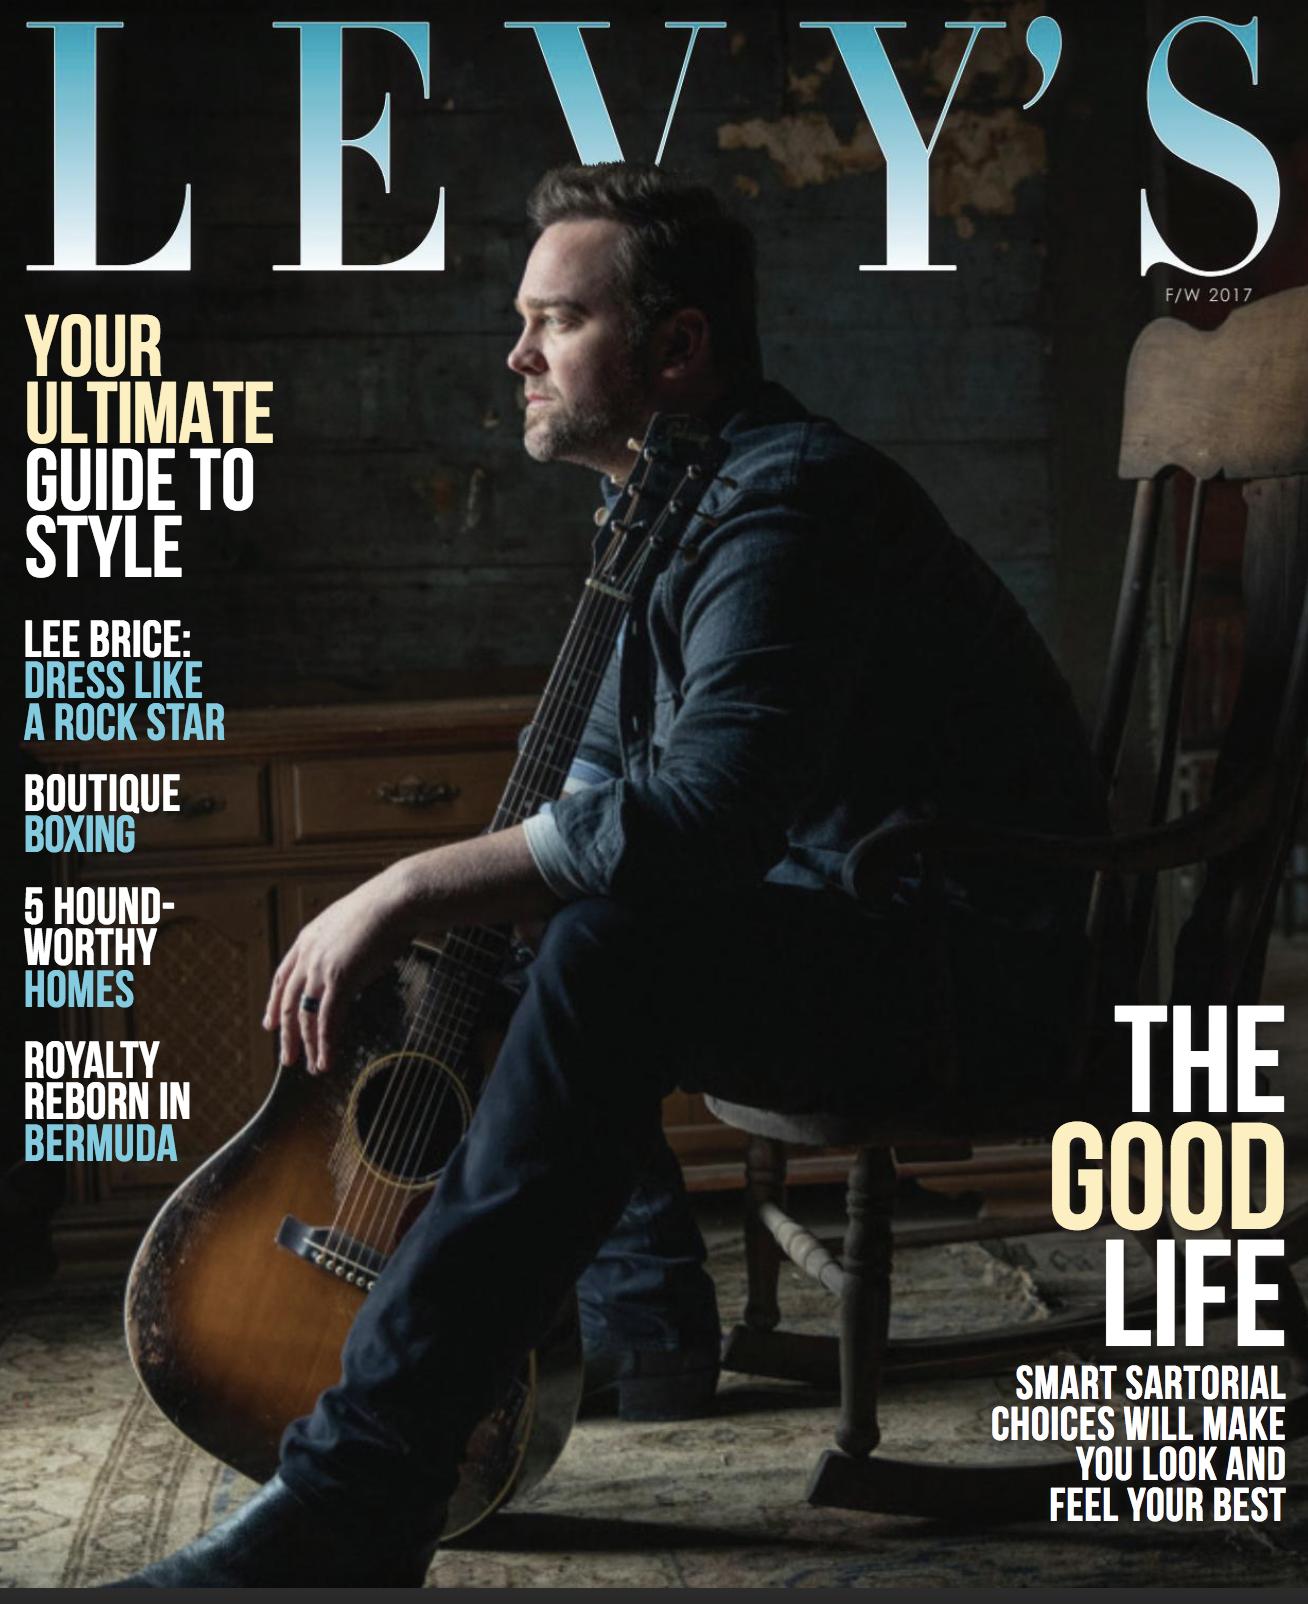 magazine cover f/w 2017